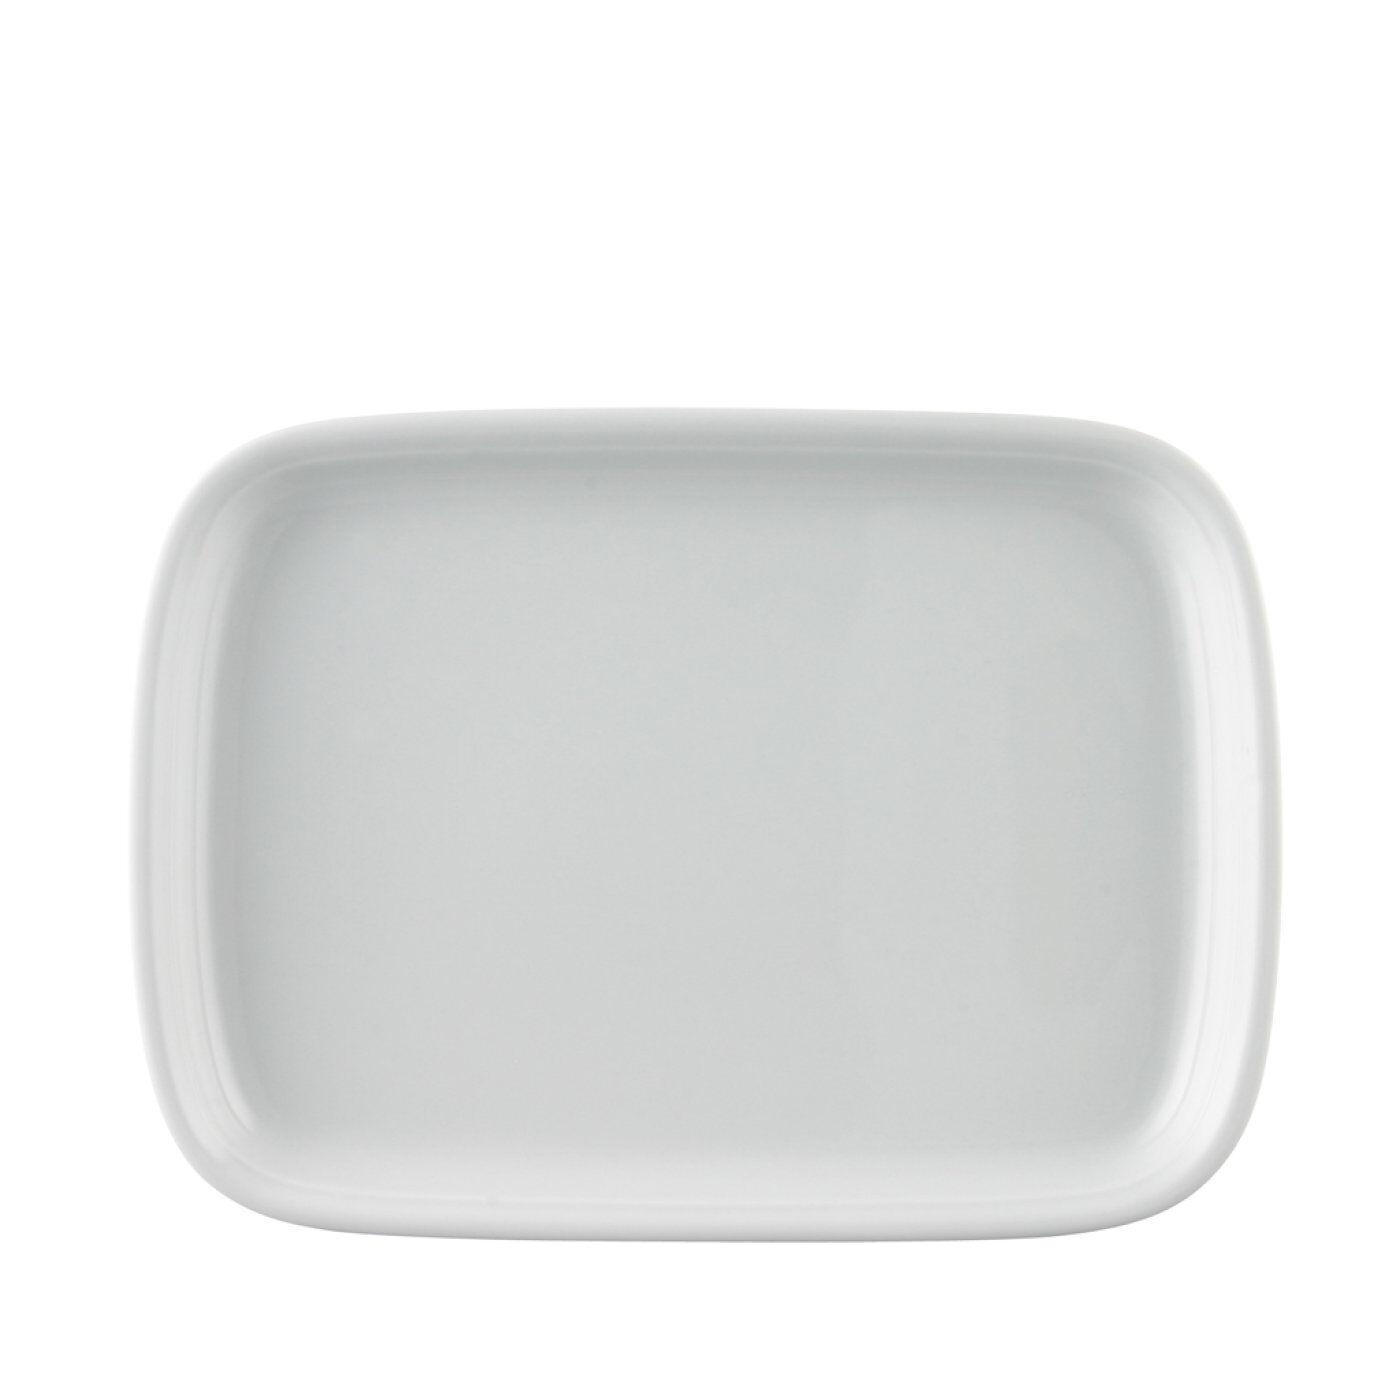 THOMAS Porzellan TREND weiß - Platte 28 cm - weiss Servierplatte Platte - 12728    | Modernes Design